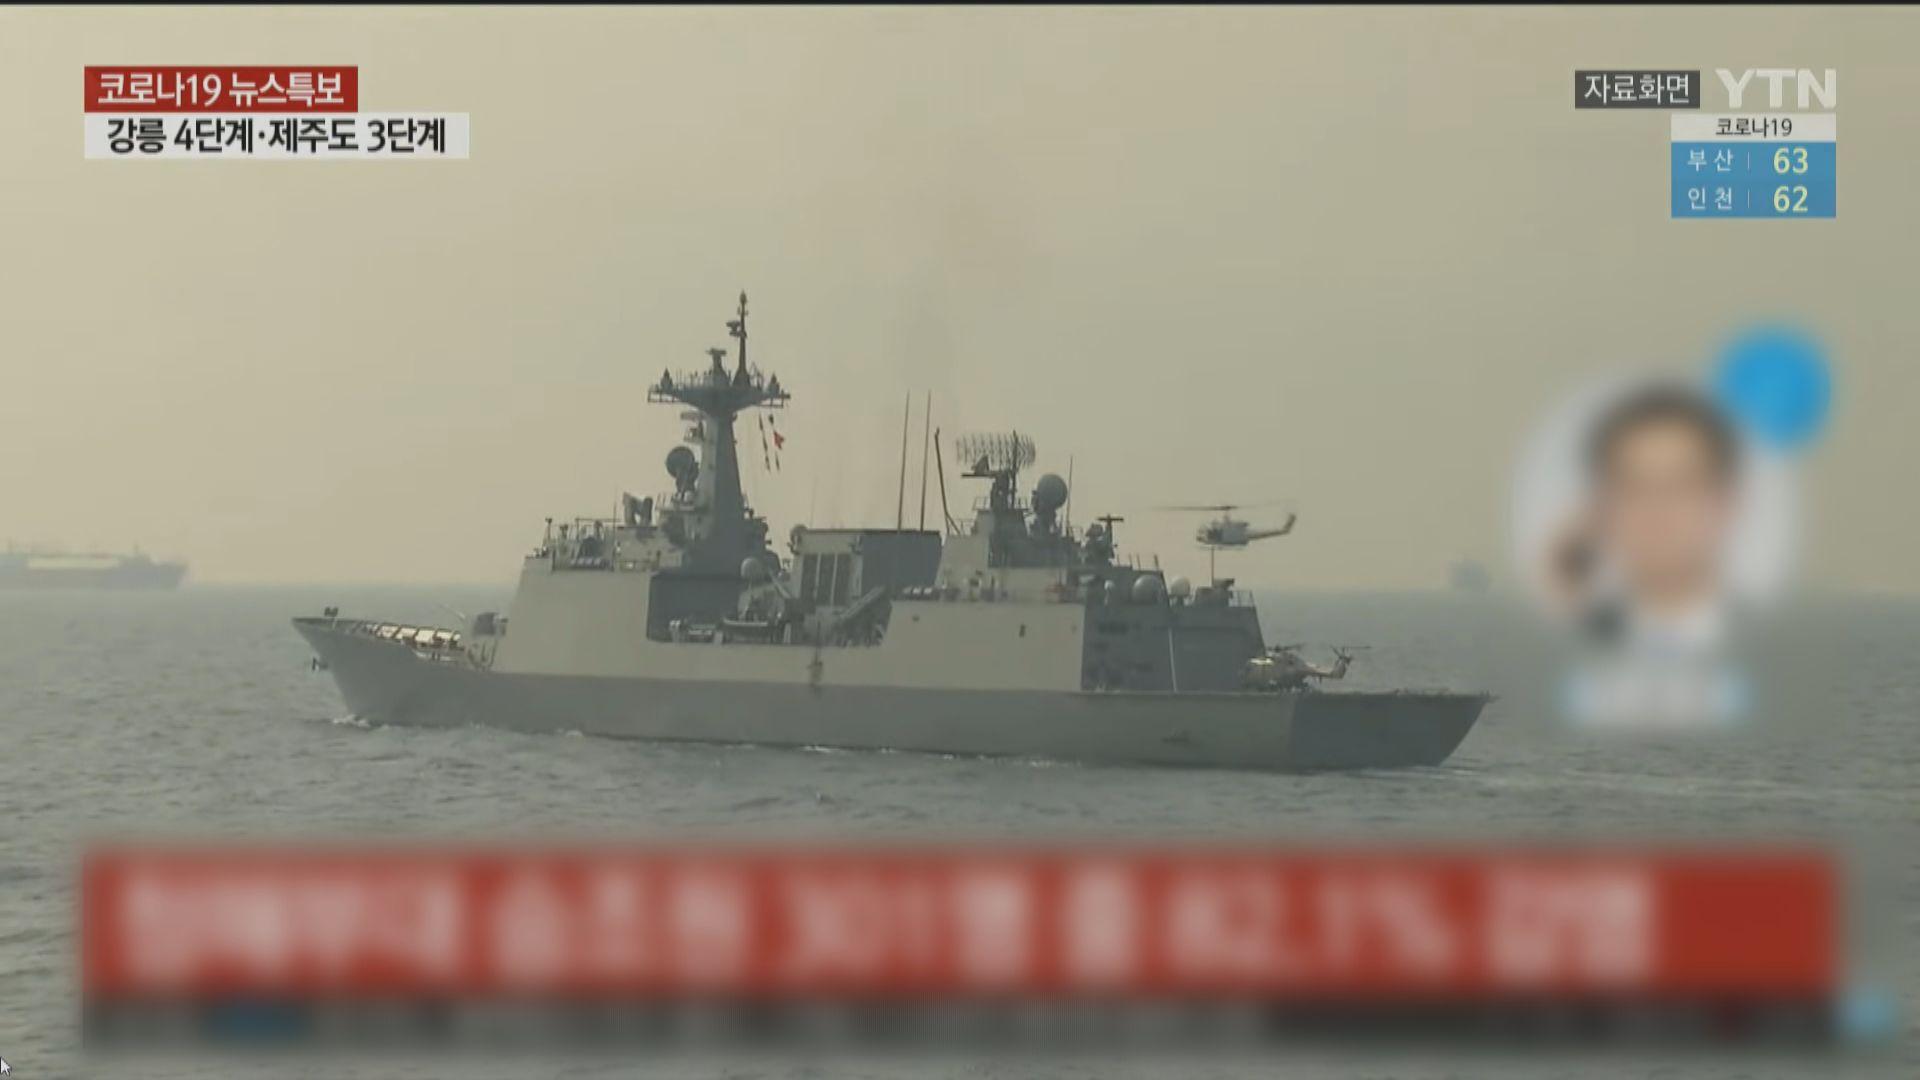 南韓文武大王號驅逐艦增至八成八人確診